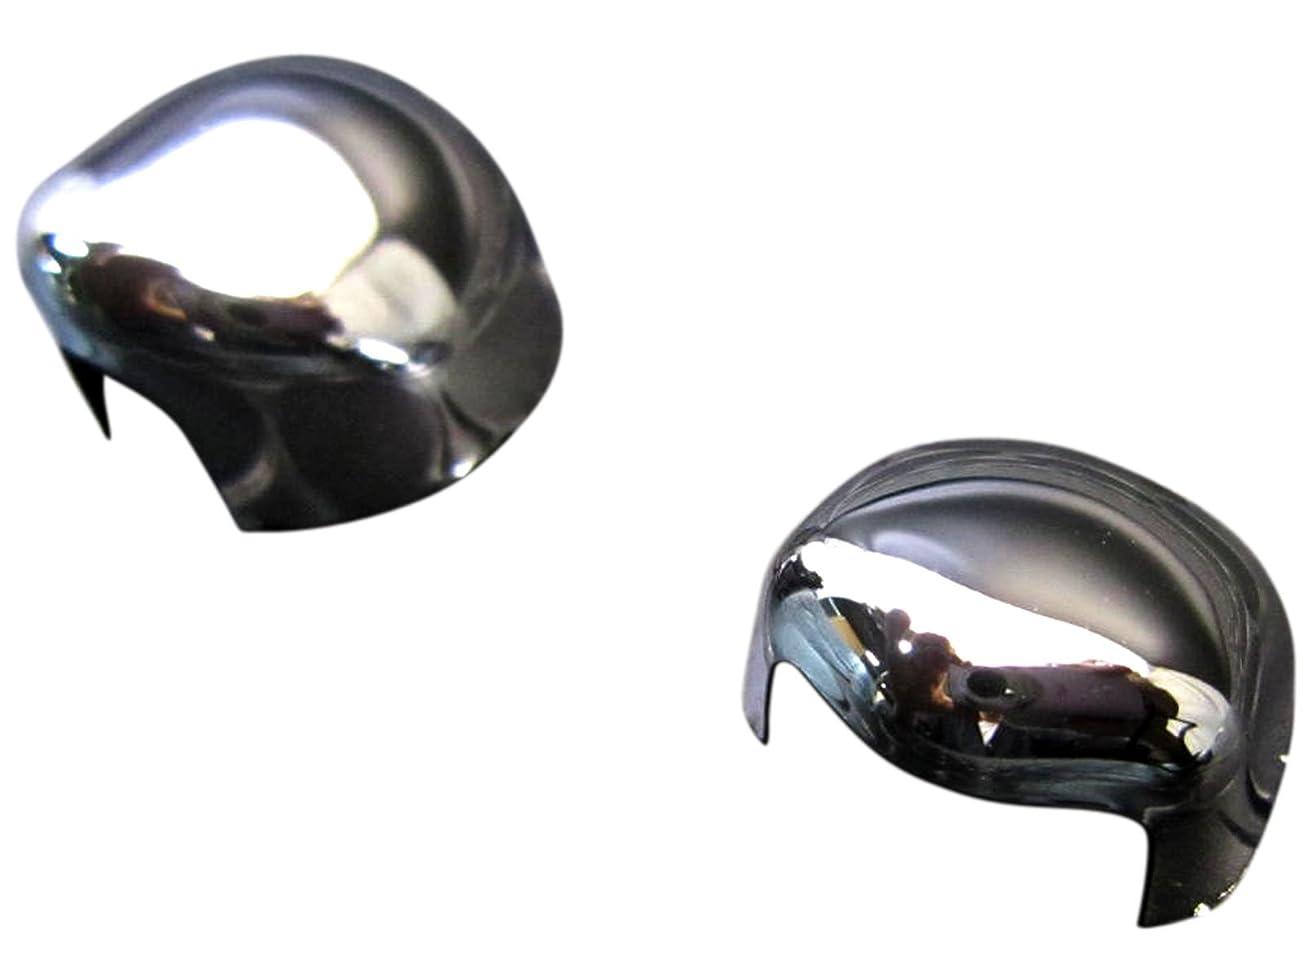 ロマンチック疑い者在庫トヨタ ヴォクシー VOXY 80 系 85系 前期 鏡面 ステンレス ヘッド ライト ガーニッシュ アイライン